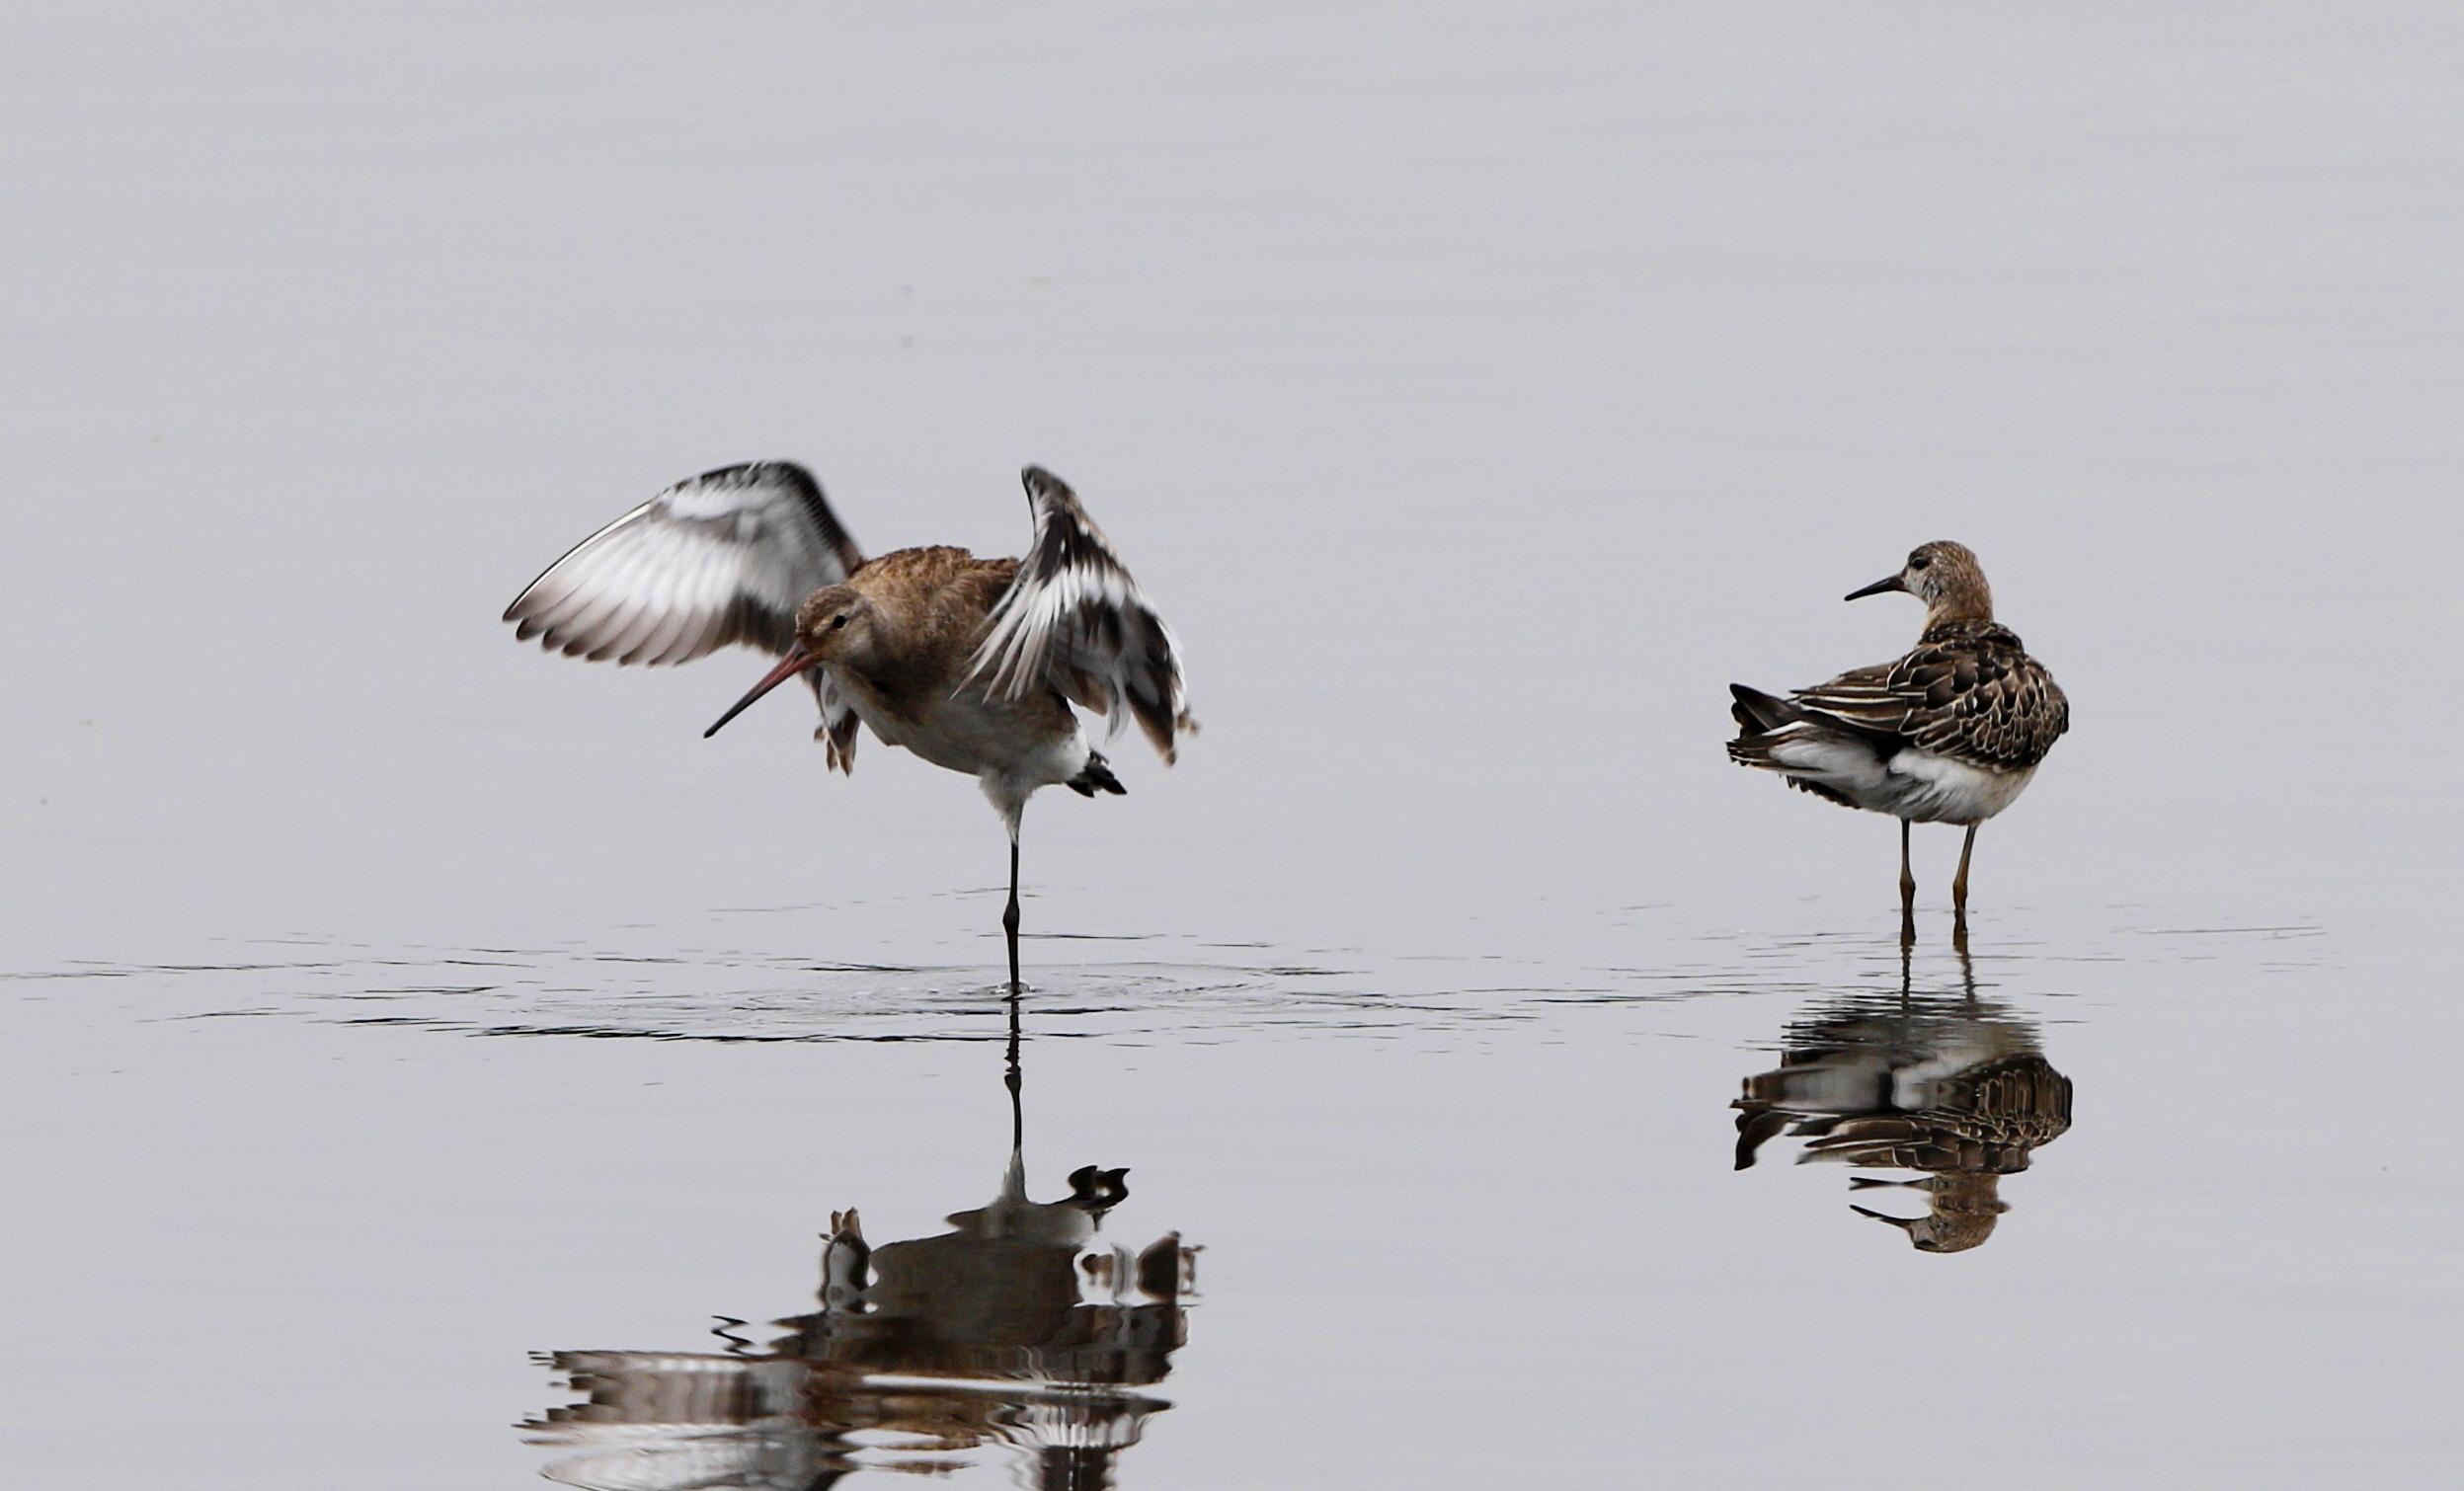 オグロシギの羽ばたきとエリマキシギ_f0239515_18545748.jpg